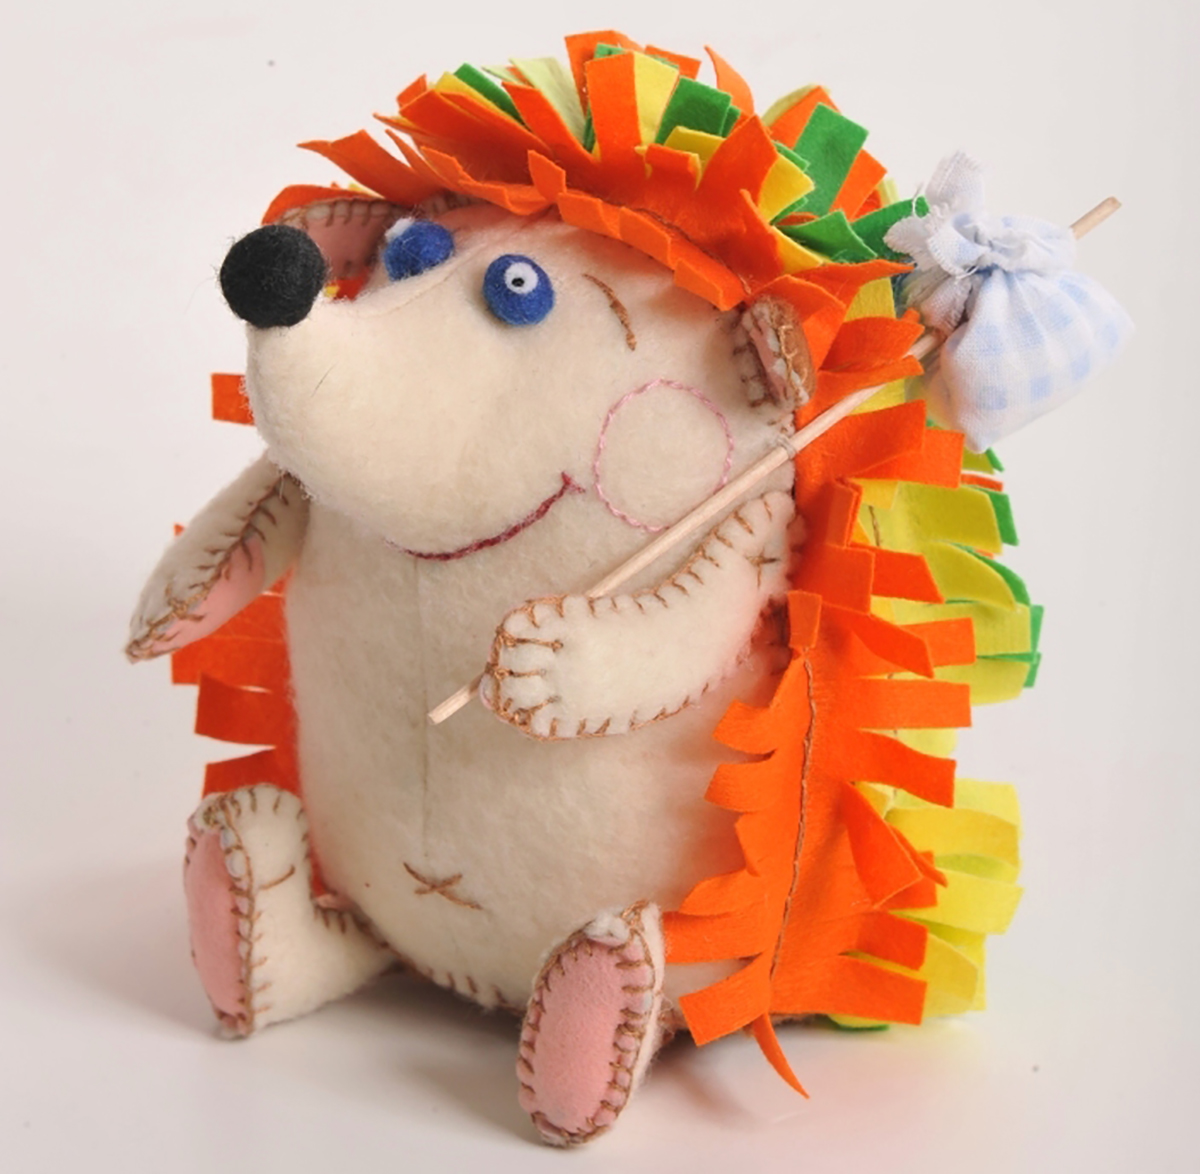 """Набор для создания игрушки Перловка """"Счастливый ежик"""" поможет создать удивительно красивую игрушку, которая будет радовать вас и ваших близких. Состав набора: - фетр различных цветов, - хлопок, - нитки для вышивки и декорирования, - листы с выкройками персонажа, - подробная инструкция по изготовлению игрушки. Дополнительно вам понадобится синтепон или синтепух и палочка под узелок (в комплект не входят). Игрушки из фетра просты в изготовлении (их можно сшить полностью вручную) и при этом они получаются великолепные - мягкие, """"уютные"""", радостные, детально проработанные. С таким набором куклы и игрушки ручной работы создавать очень просто. Игрушка, сделанная своими руками, отлично подходит для украшения интерьера или для коллекции, а также в качестве оригинального подарка. Высота игрушки: 13,5 см."""